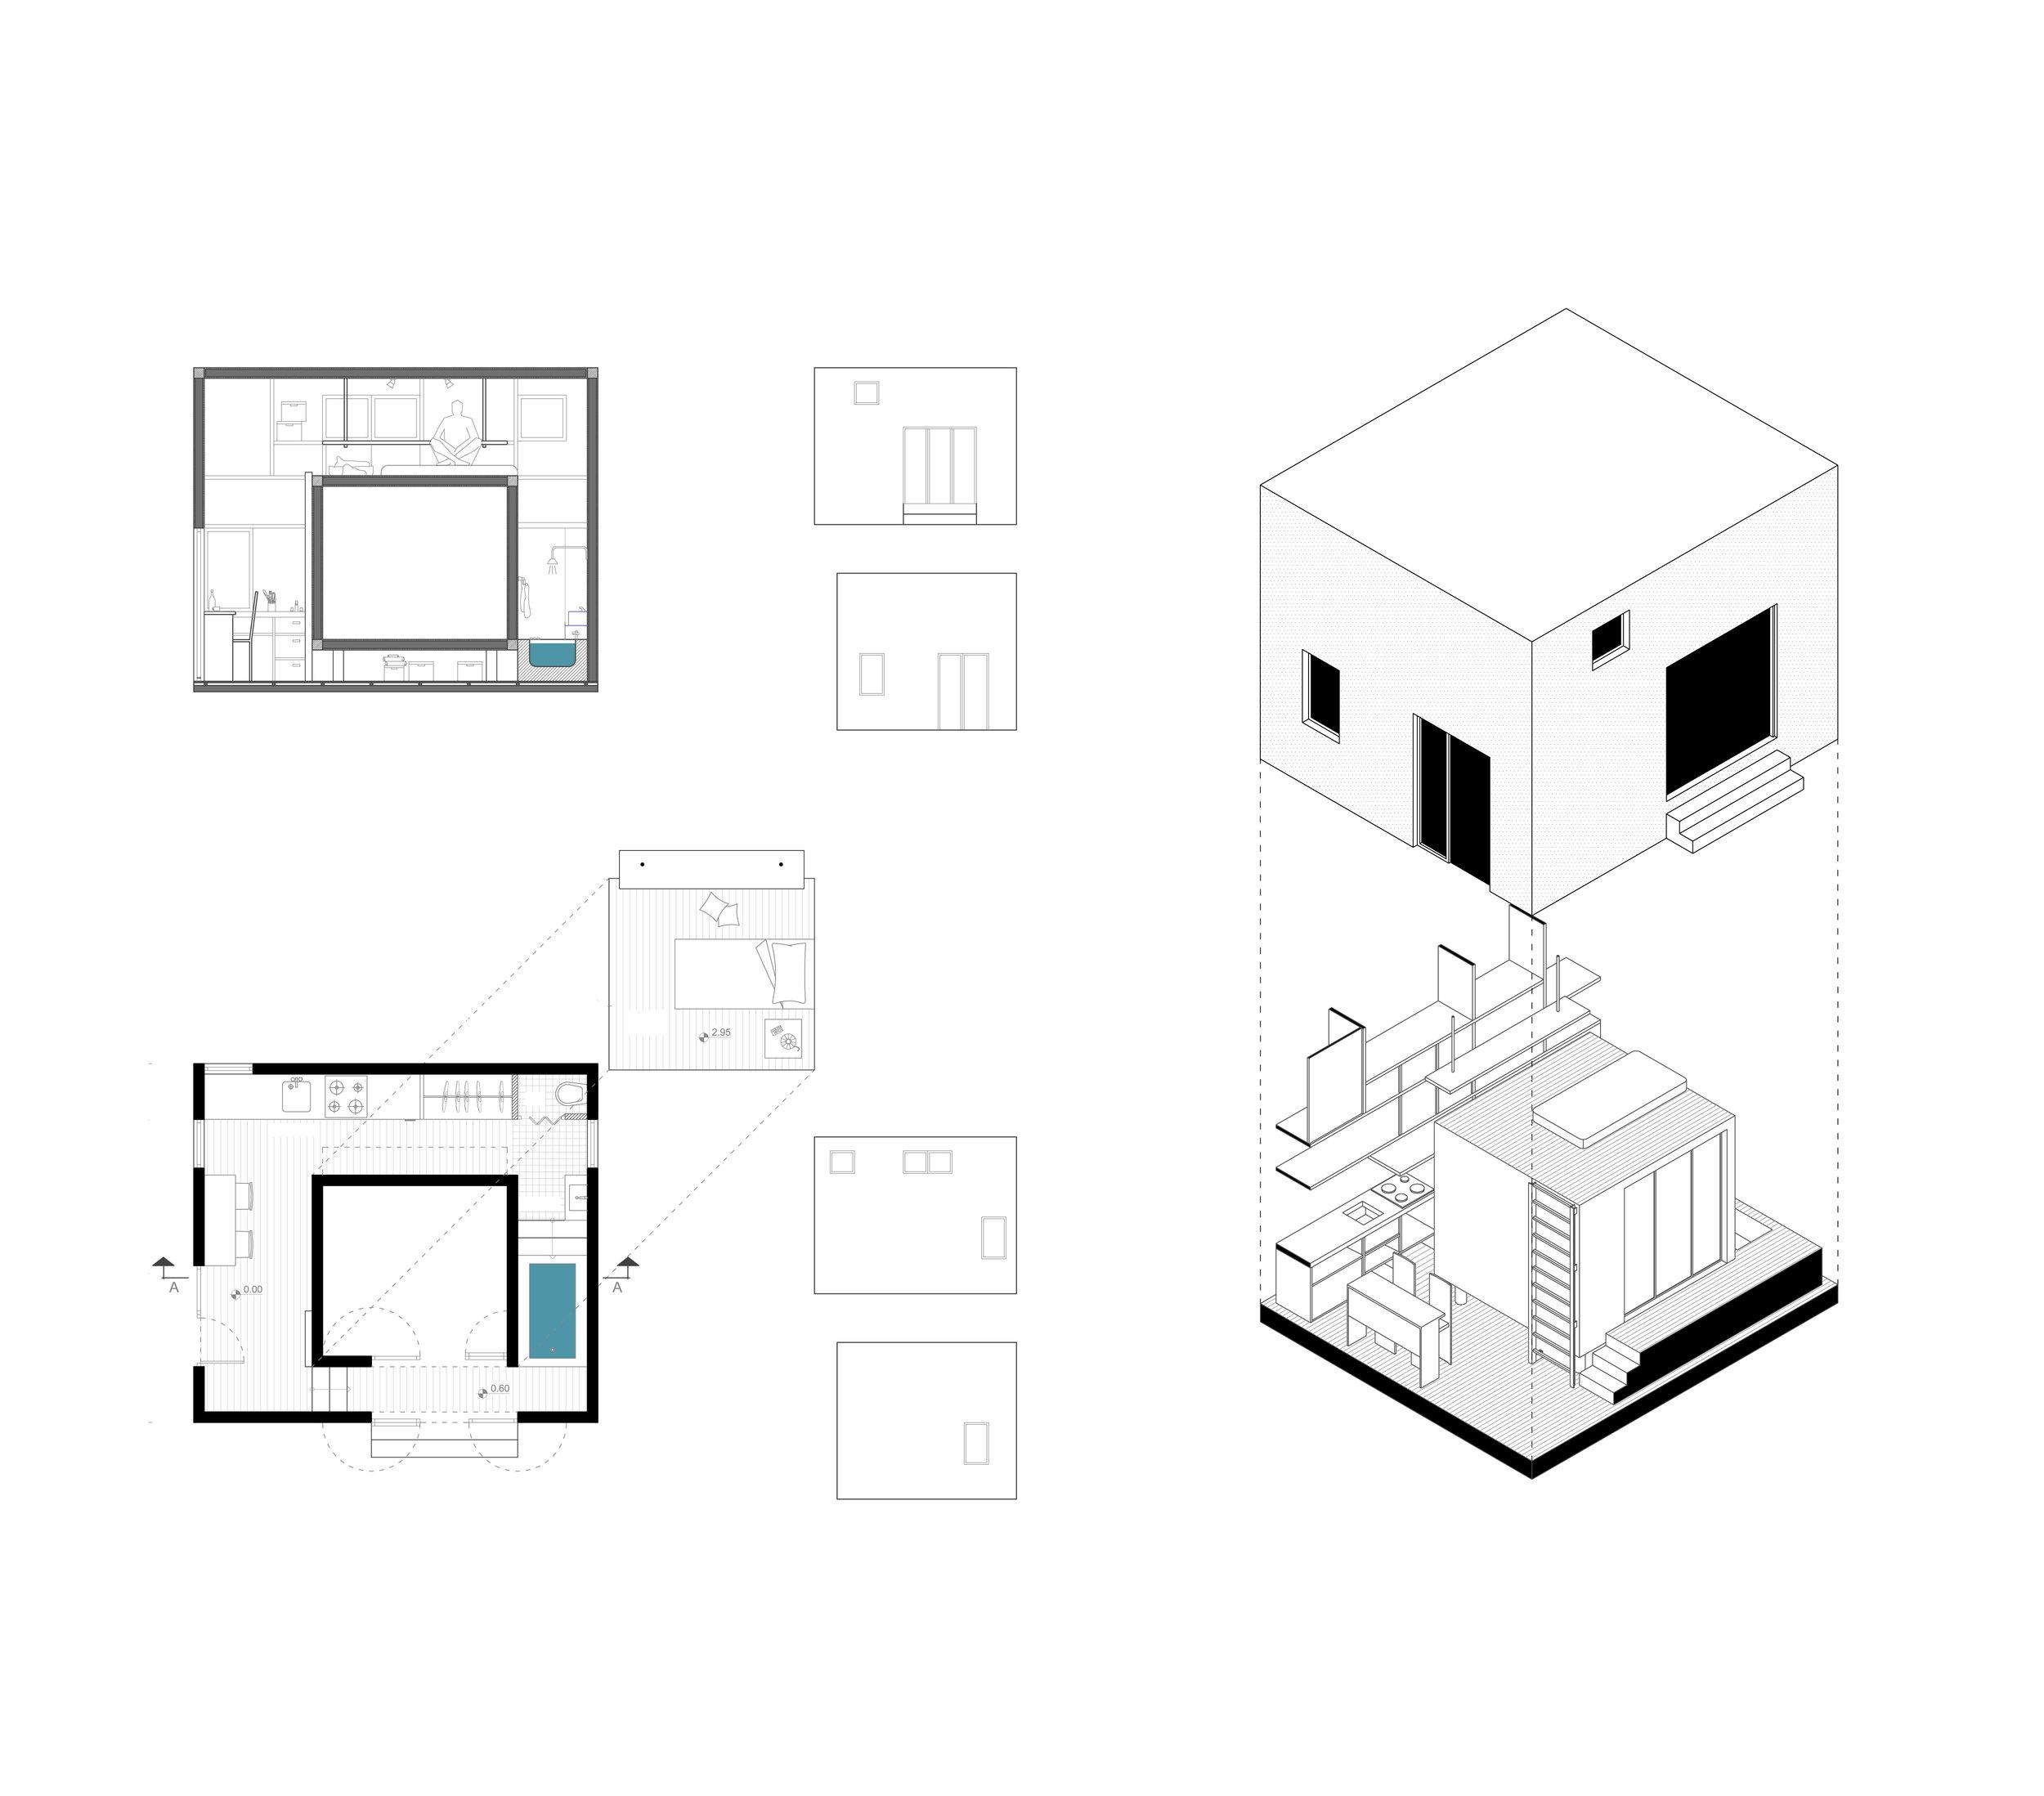 13.room in room  plans.jpg